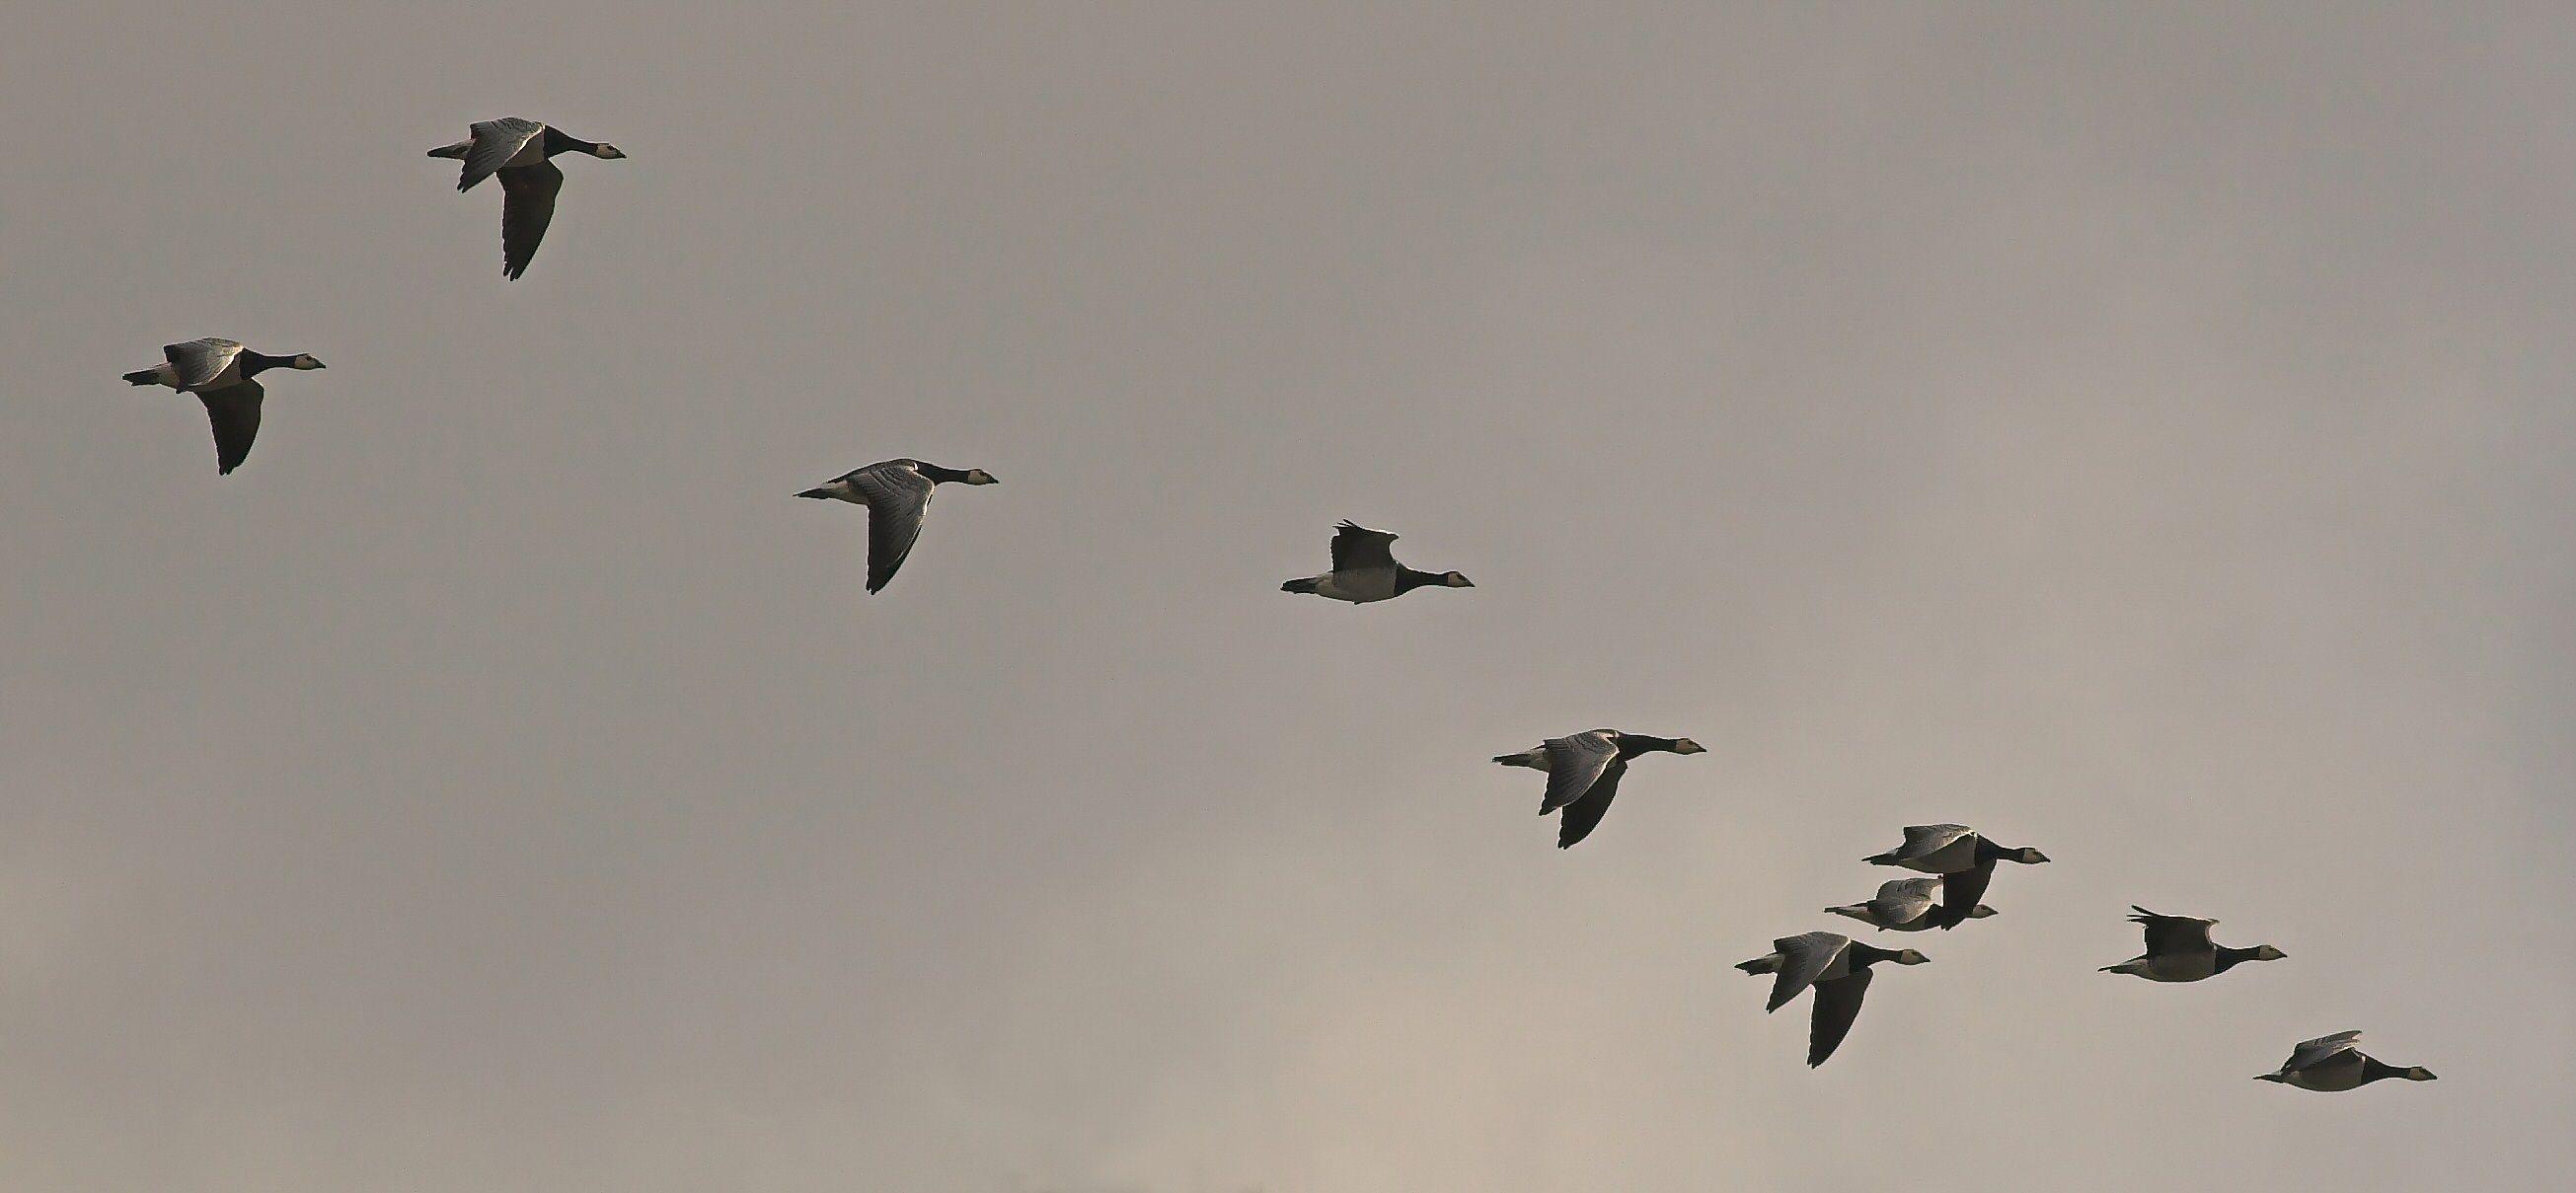 ציפורים נודדות Google Search Bird migration, Birds